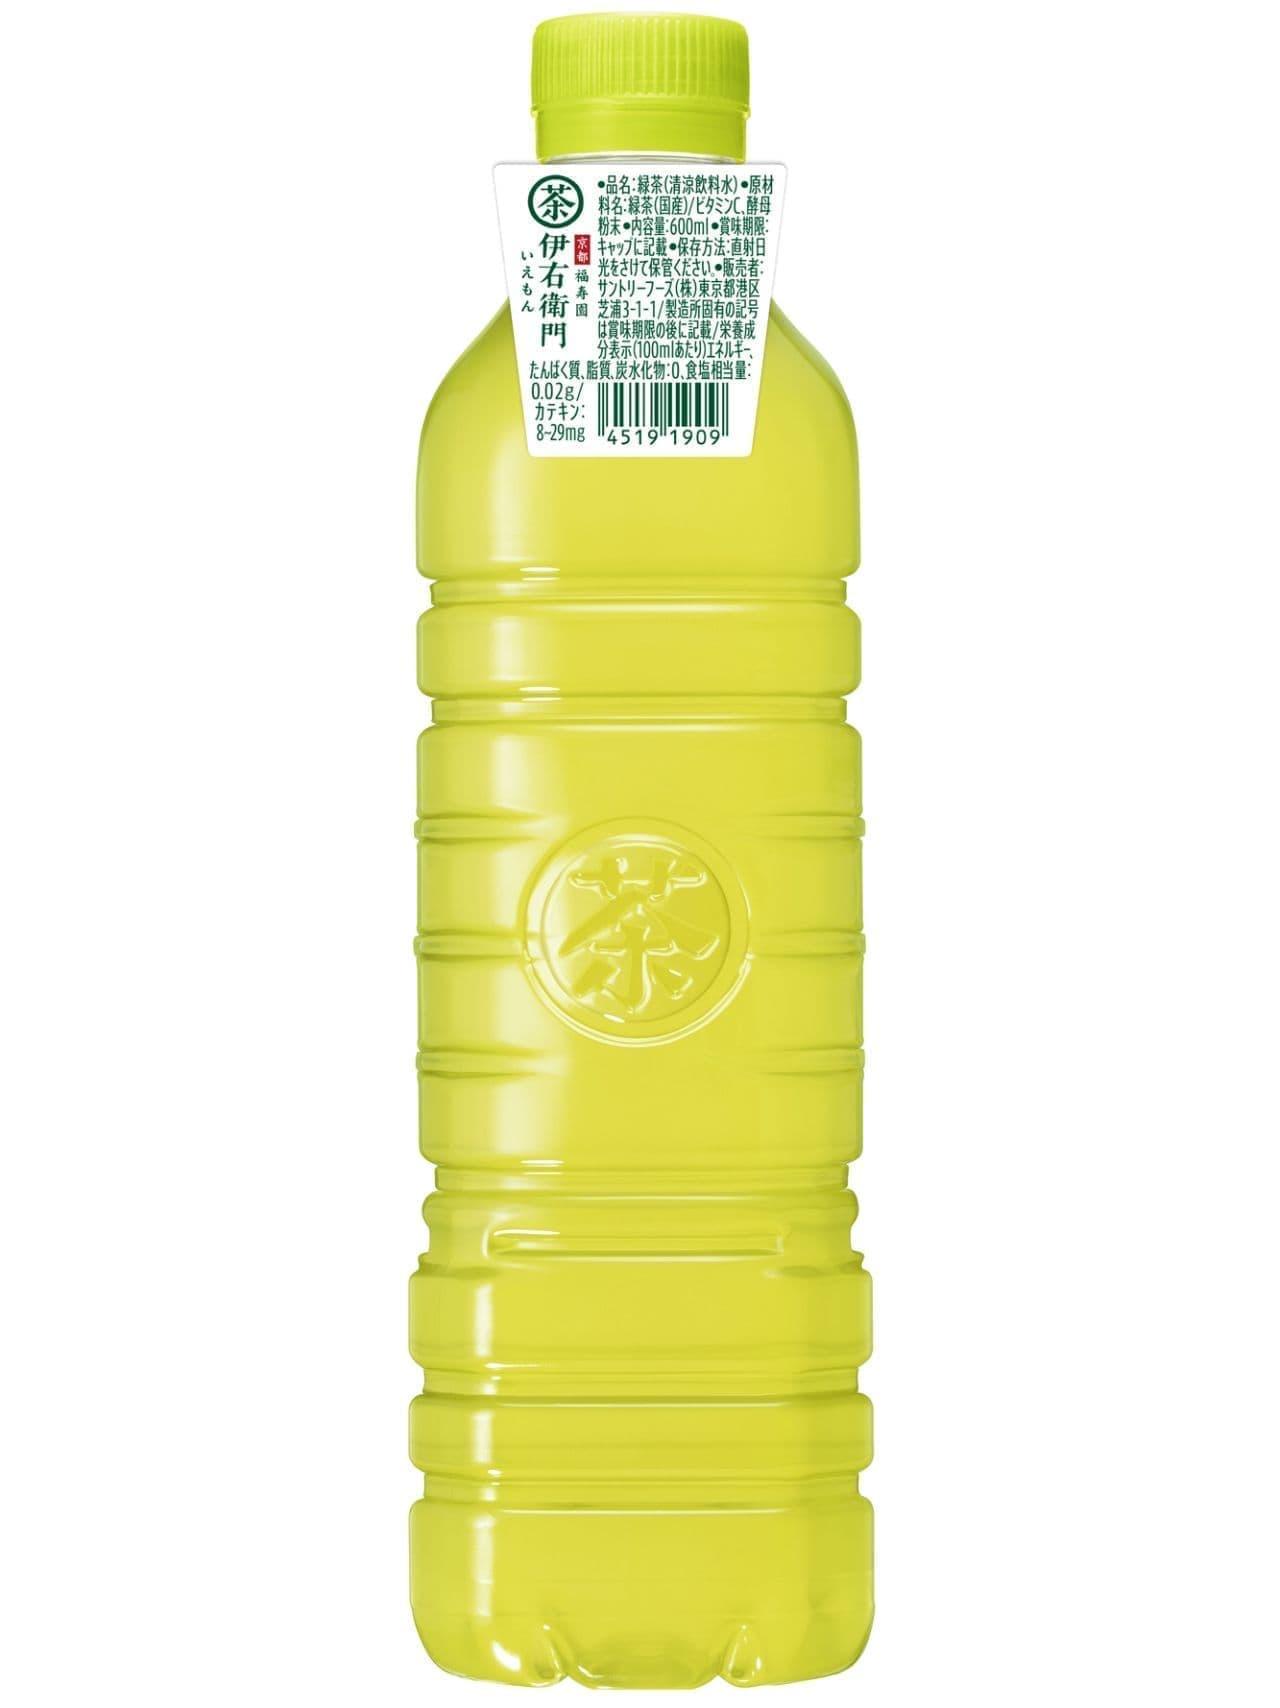 サントリー緑茶「伊右衛門ラベルレス」